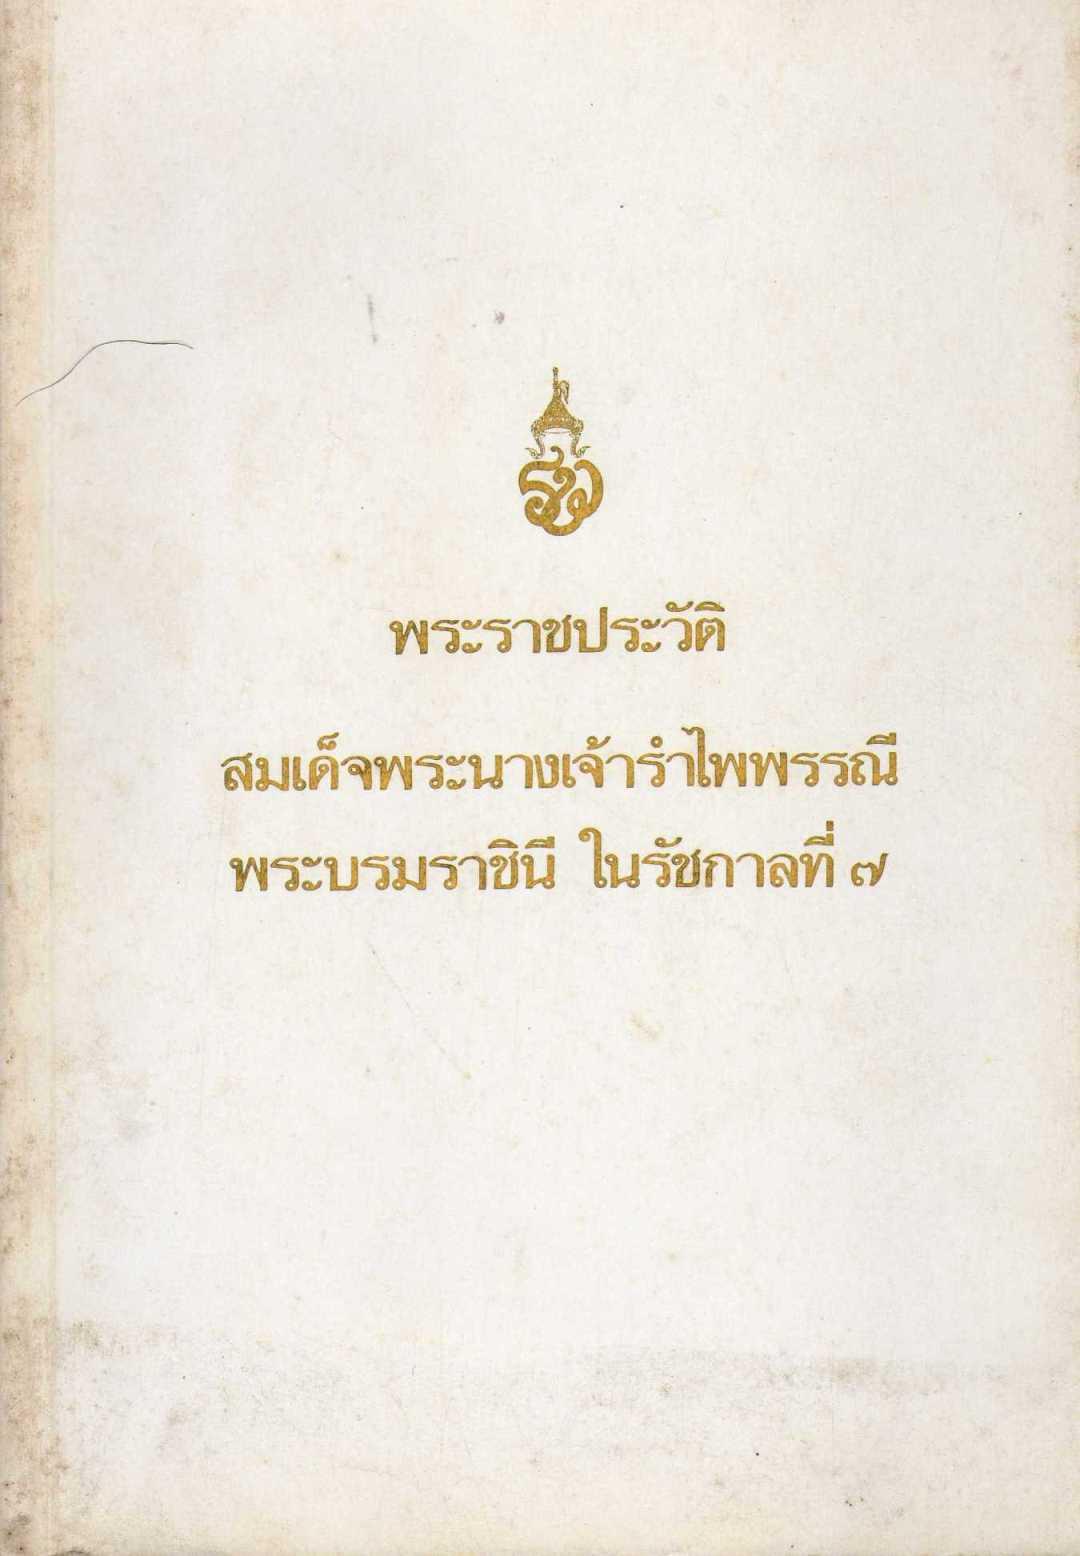 พระราชประวัติสมเด็จพระนางเจ้ารำไพพรรณี พระบรมราชินีในรัชกาลที่ ๗